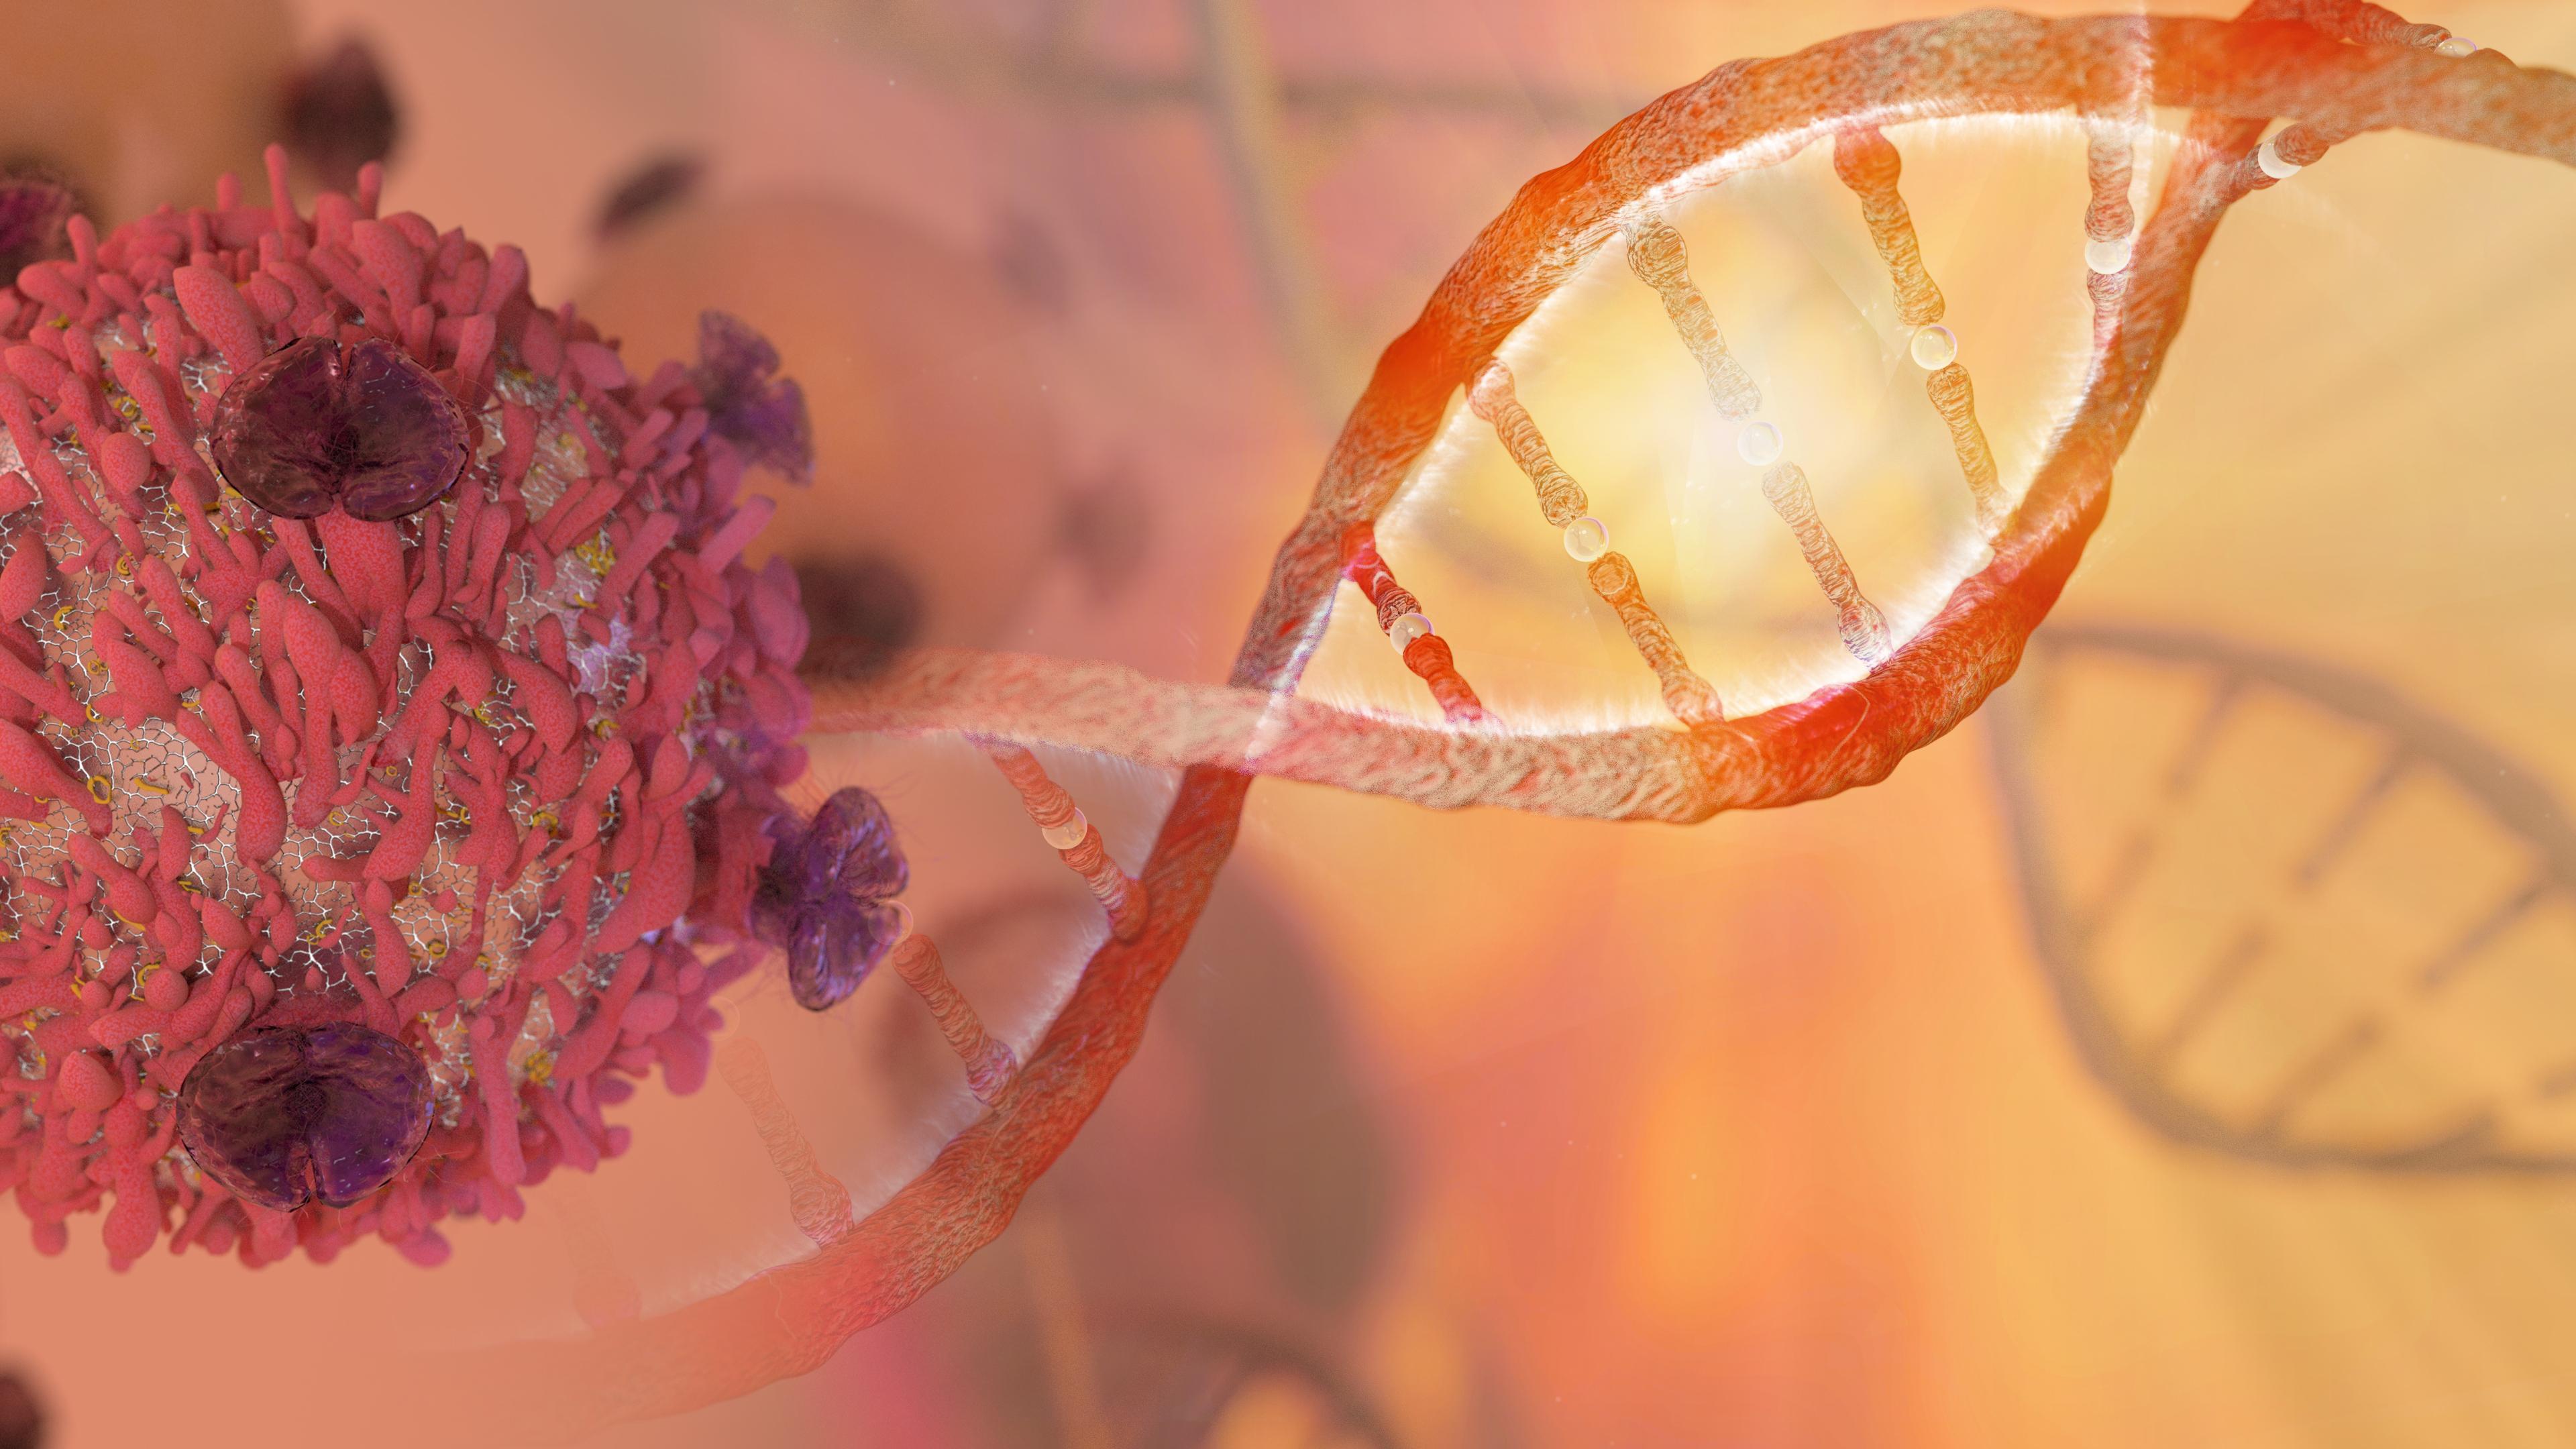 DNA cancer